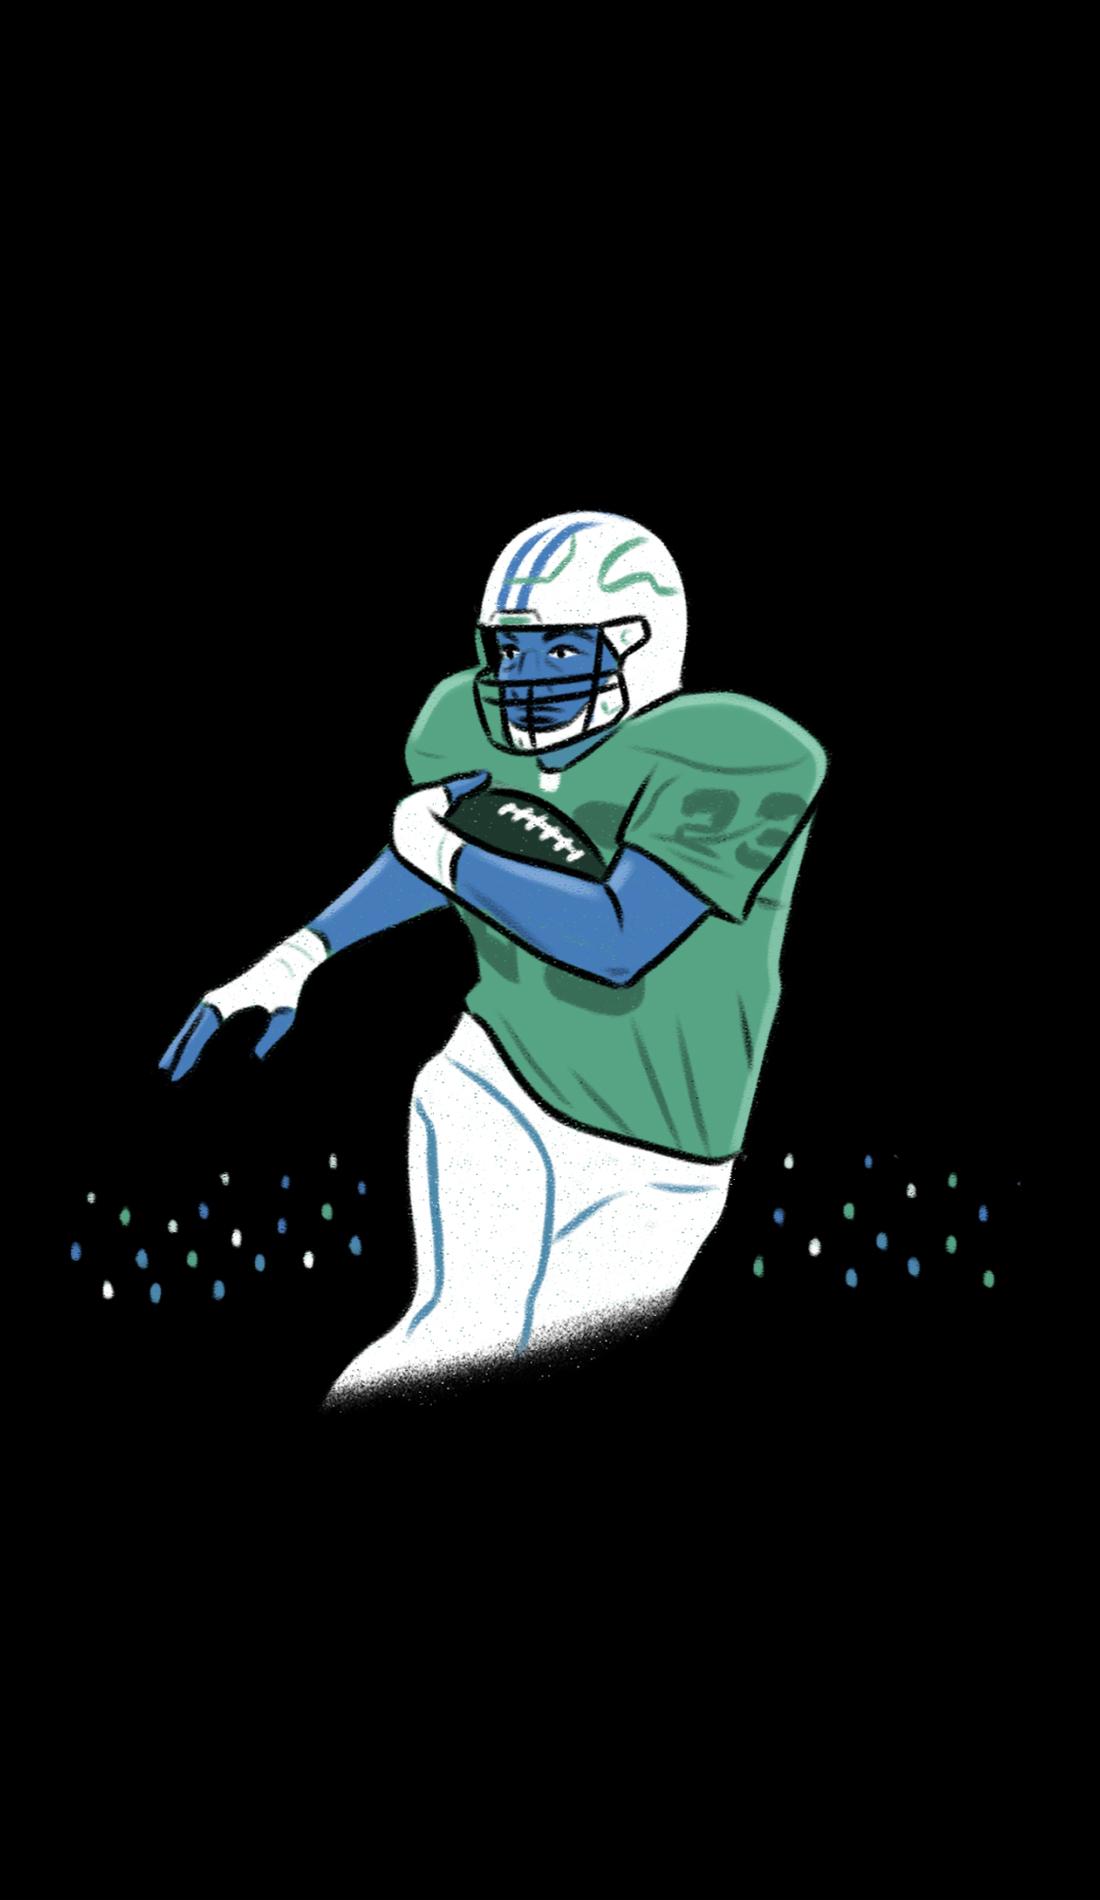 A Las Vegas Bowl live event